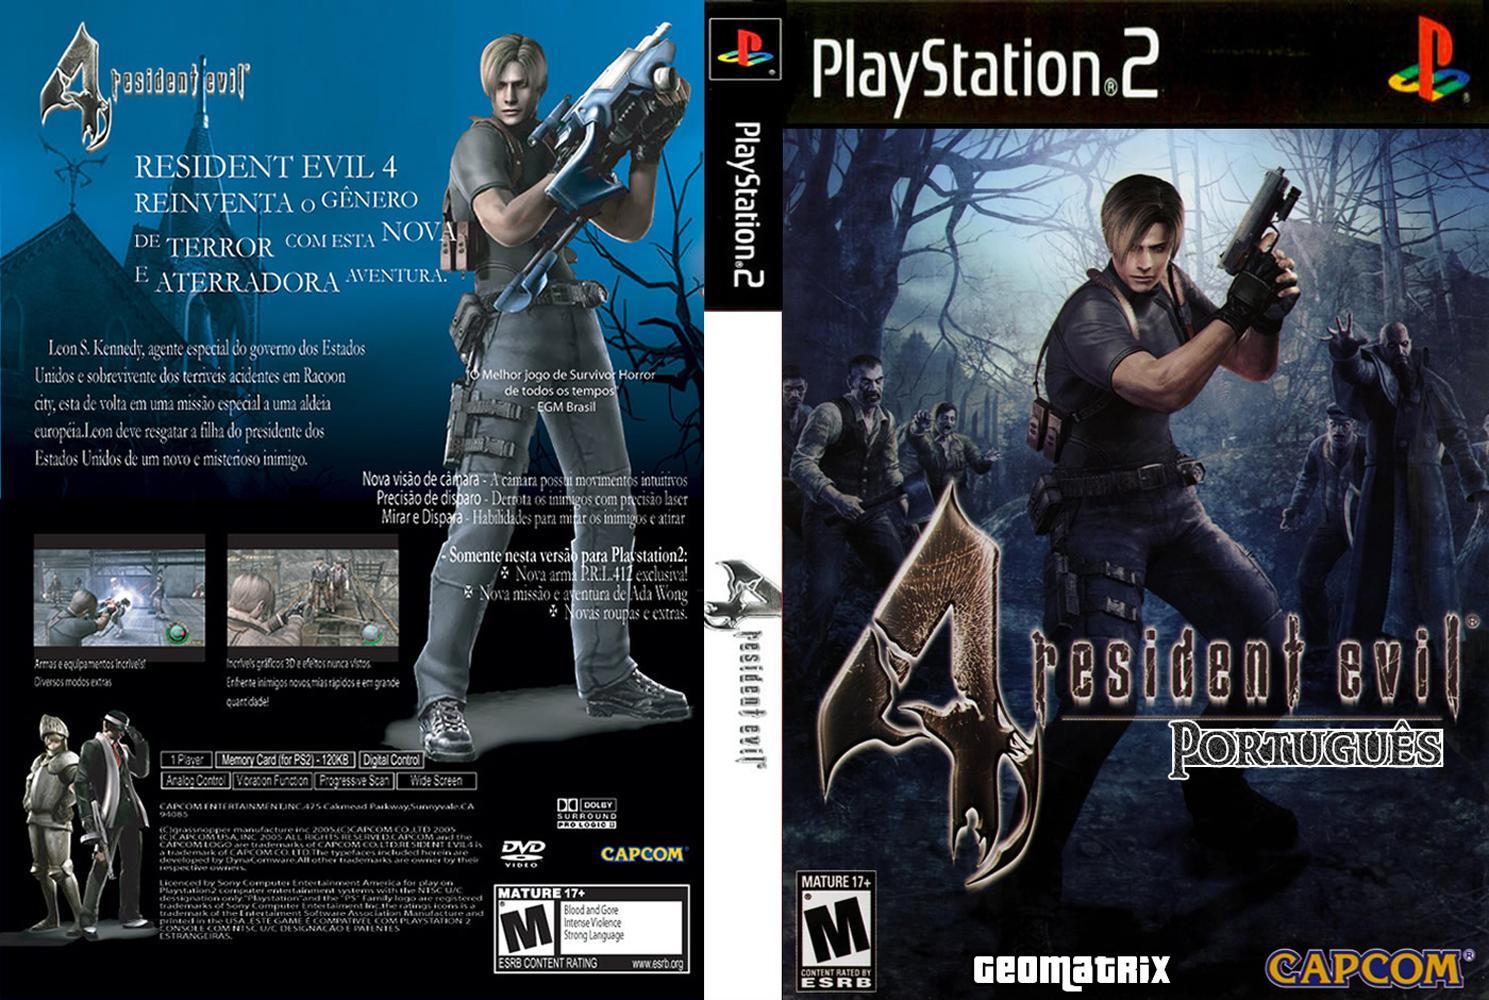 De uma nota ao o Game acima. Capa_ps2_%255Bwww.gamecover.com.br%255D0099